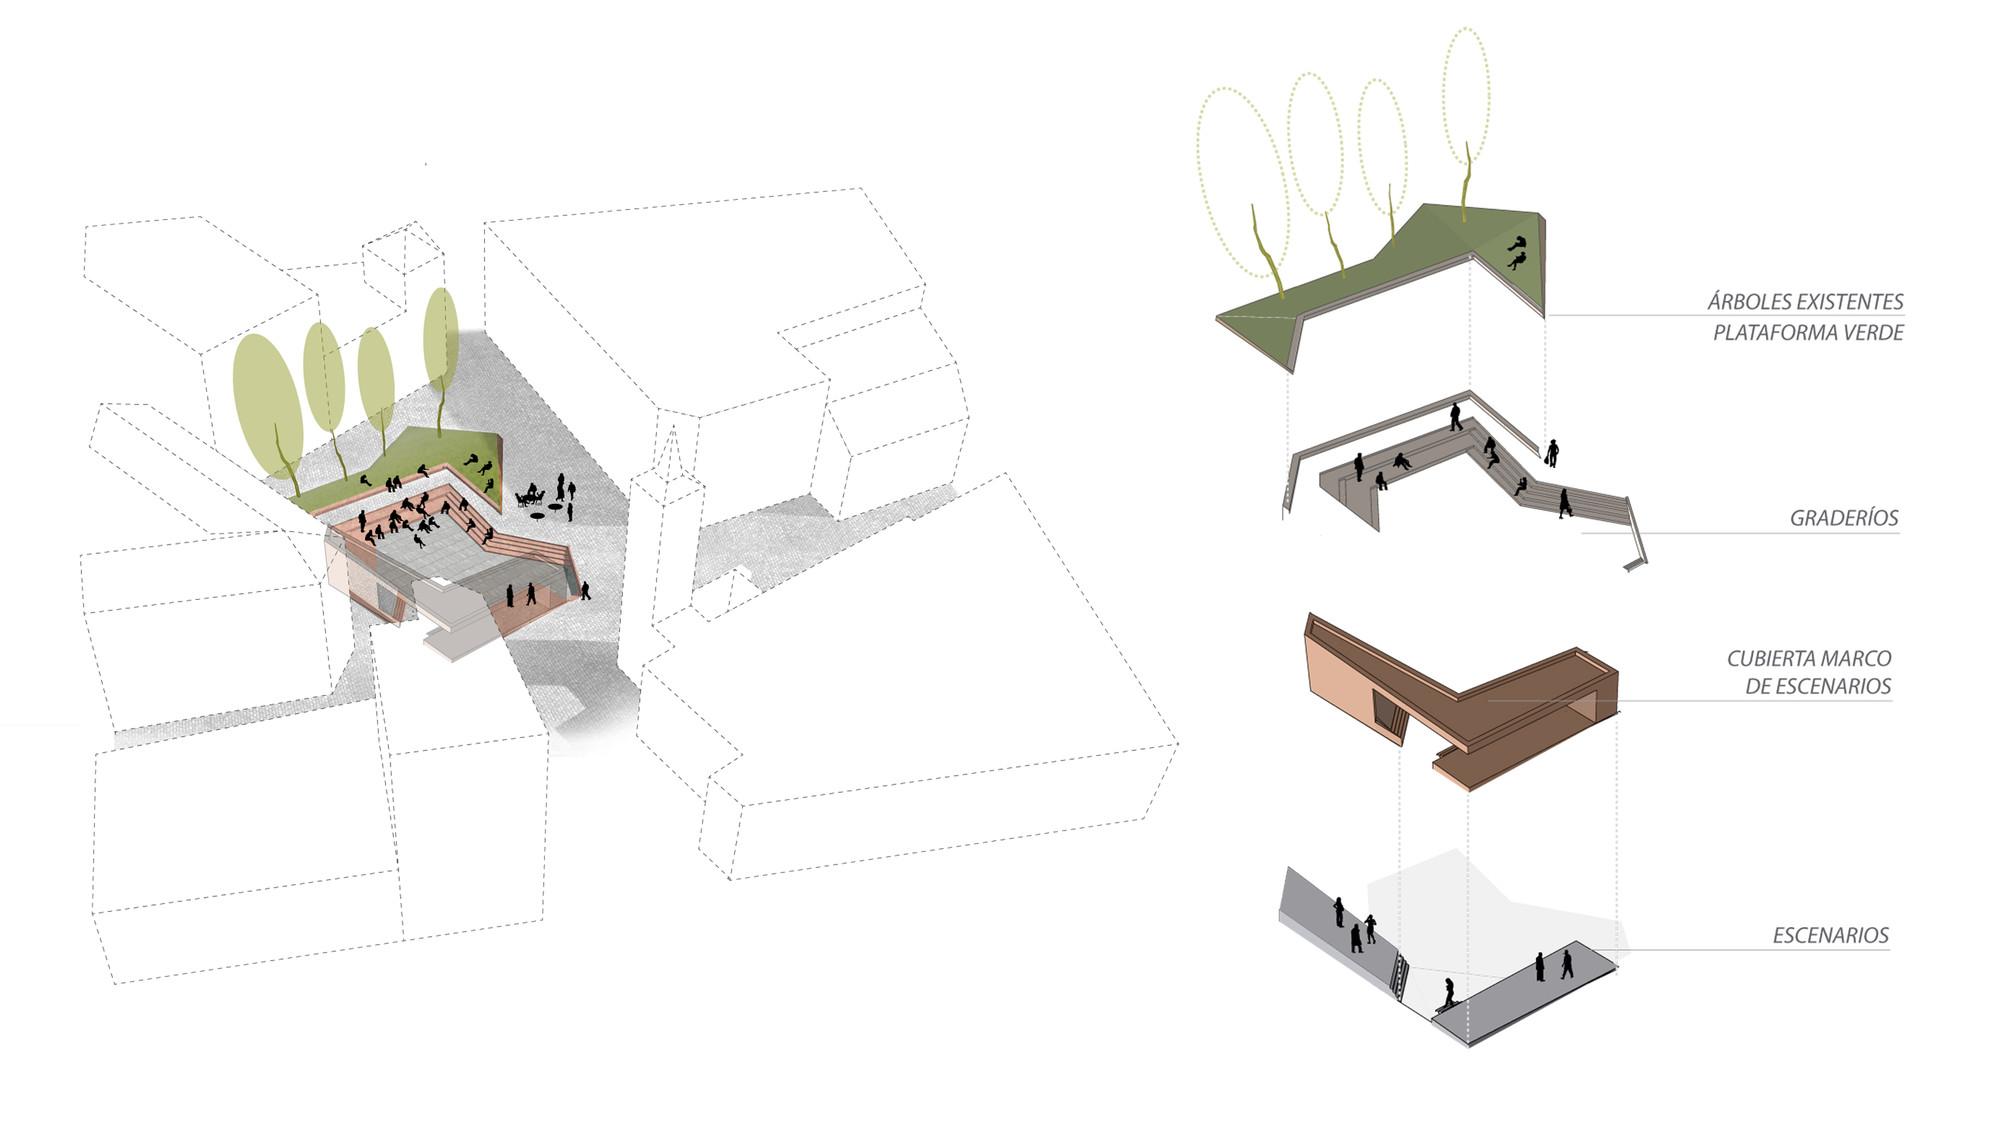 Cortesia de OOIIO Arquitectura